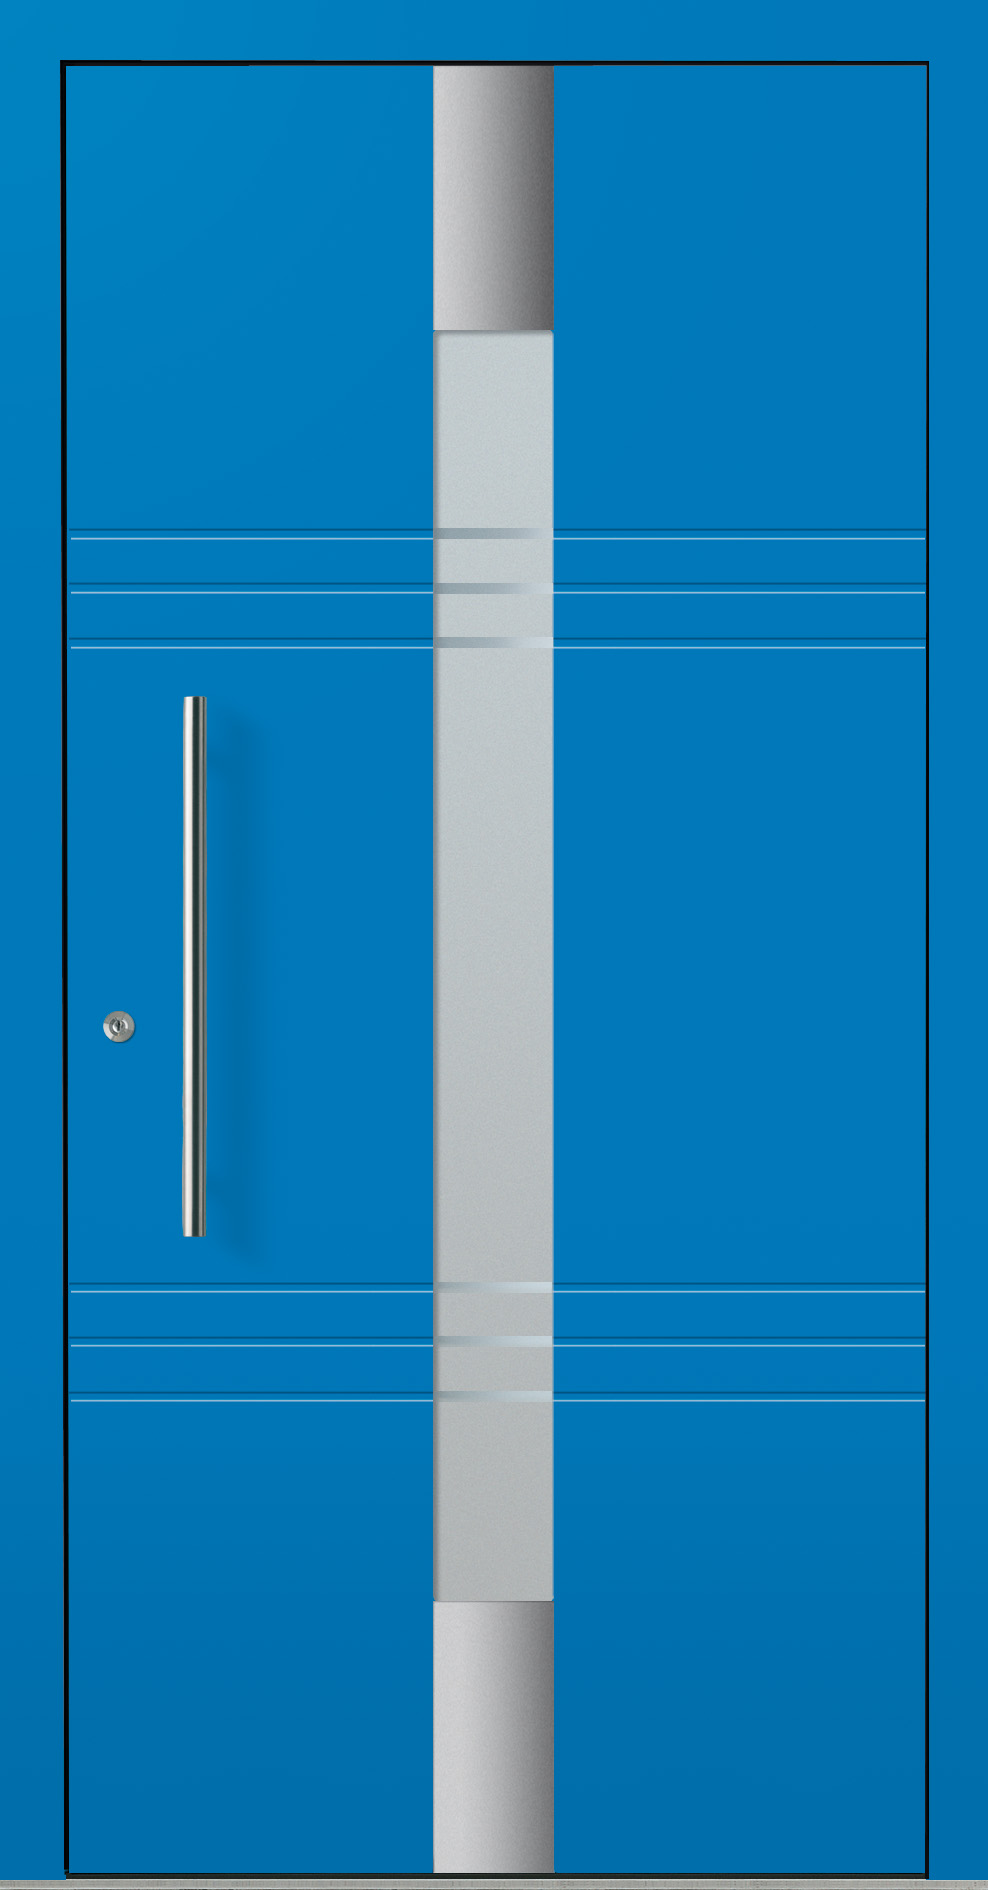 Blaue Noblesse Haustür mit Designglas und Nuten